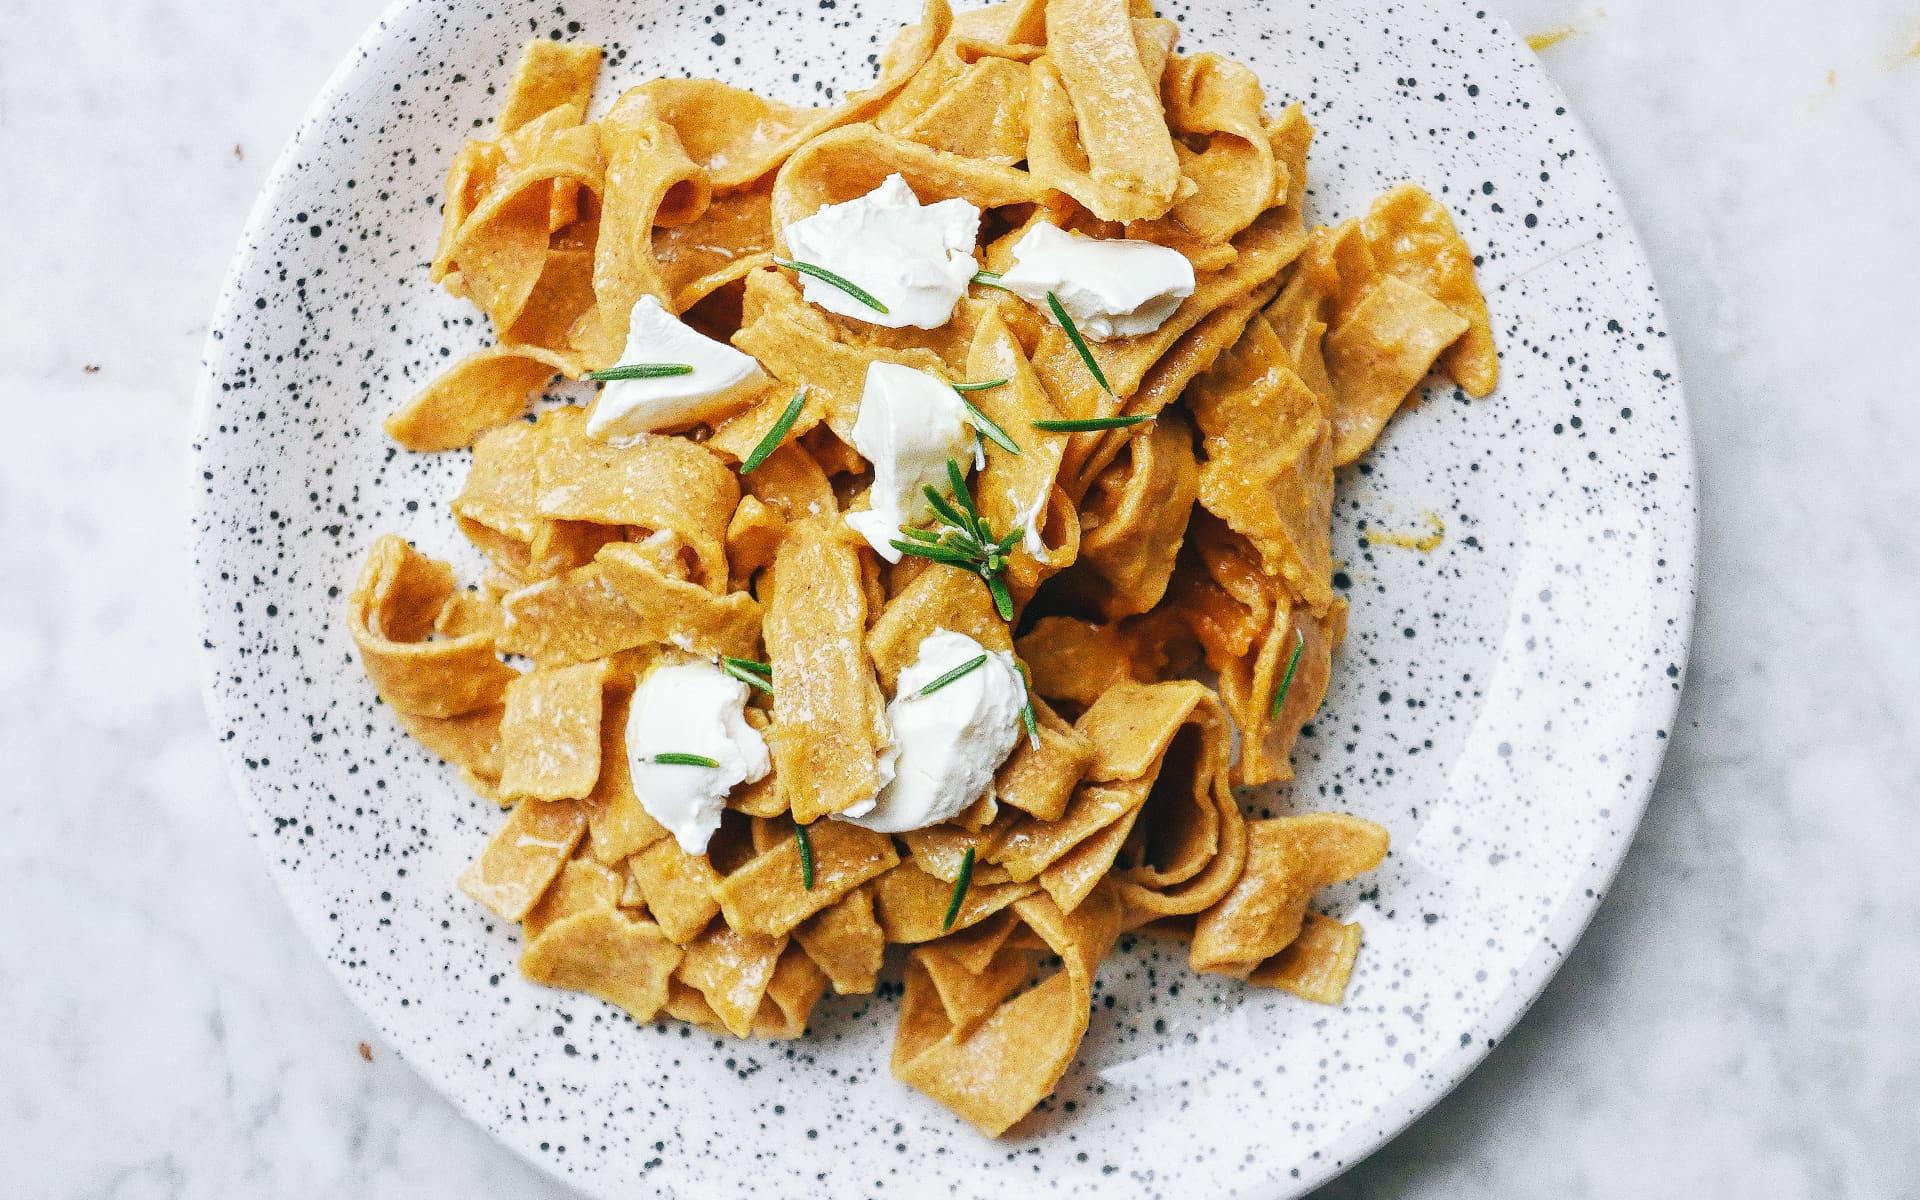 Apprenez à faire vos pâtes maison à la farine de pois chiche - blog nutrition Genève